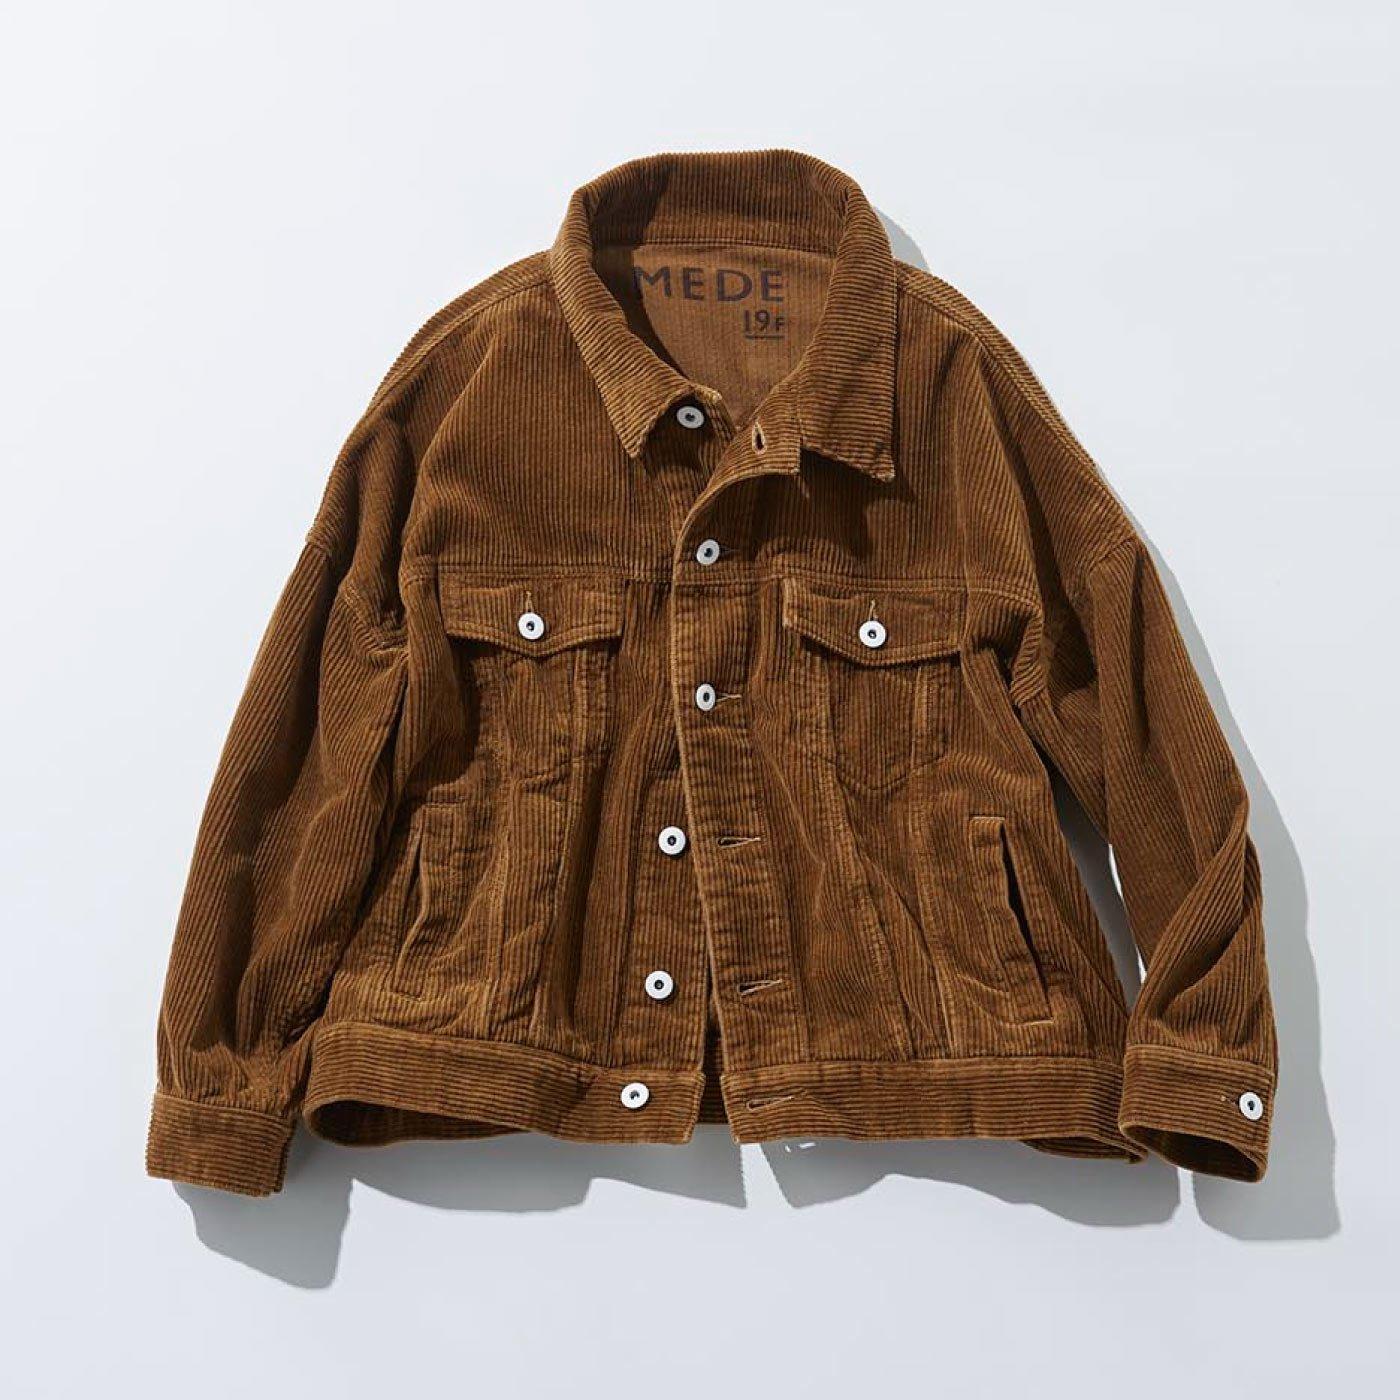 MEDE19F 洗いをかけたオーバーサイズコーデュロイジャケット〈ブラウン〉